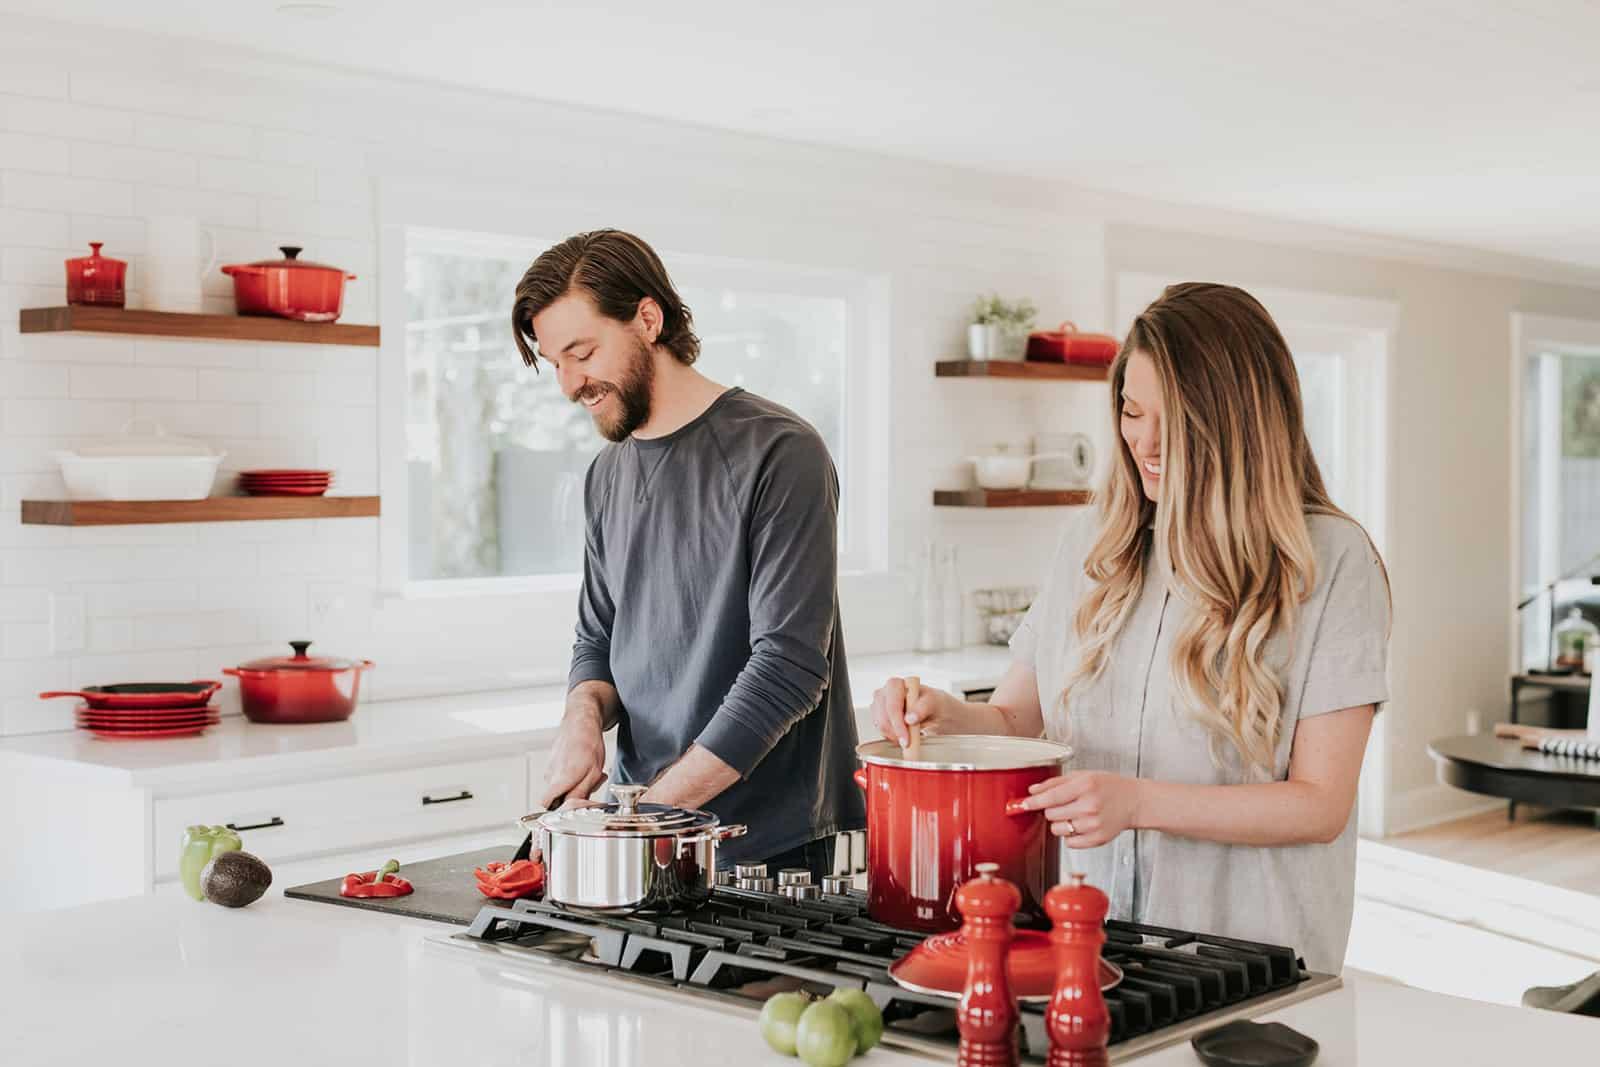 ein glückliches Paar, das zusammen in der Küche zu Hause eine Mahlzeit zubereitet